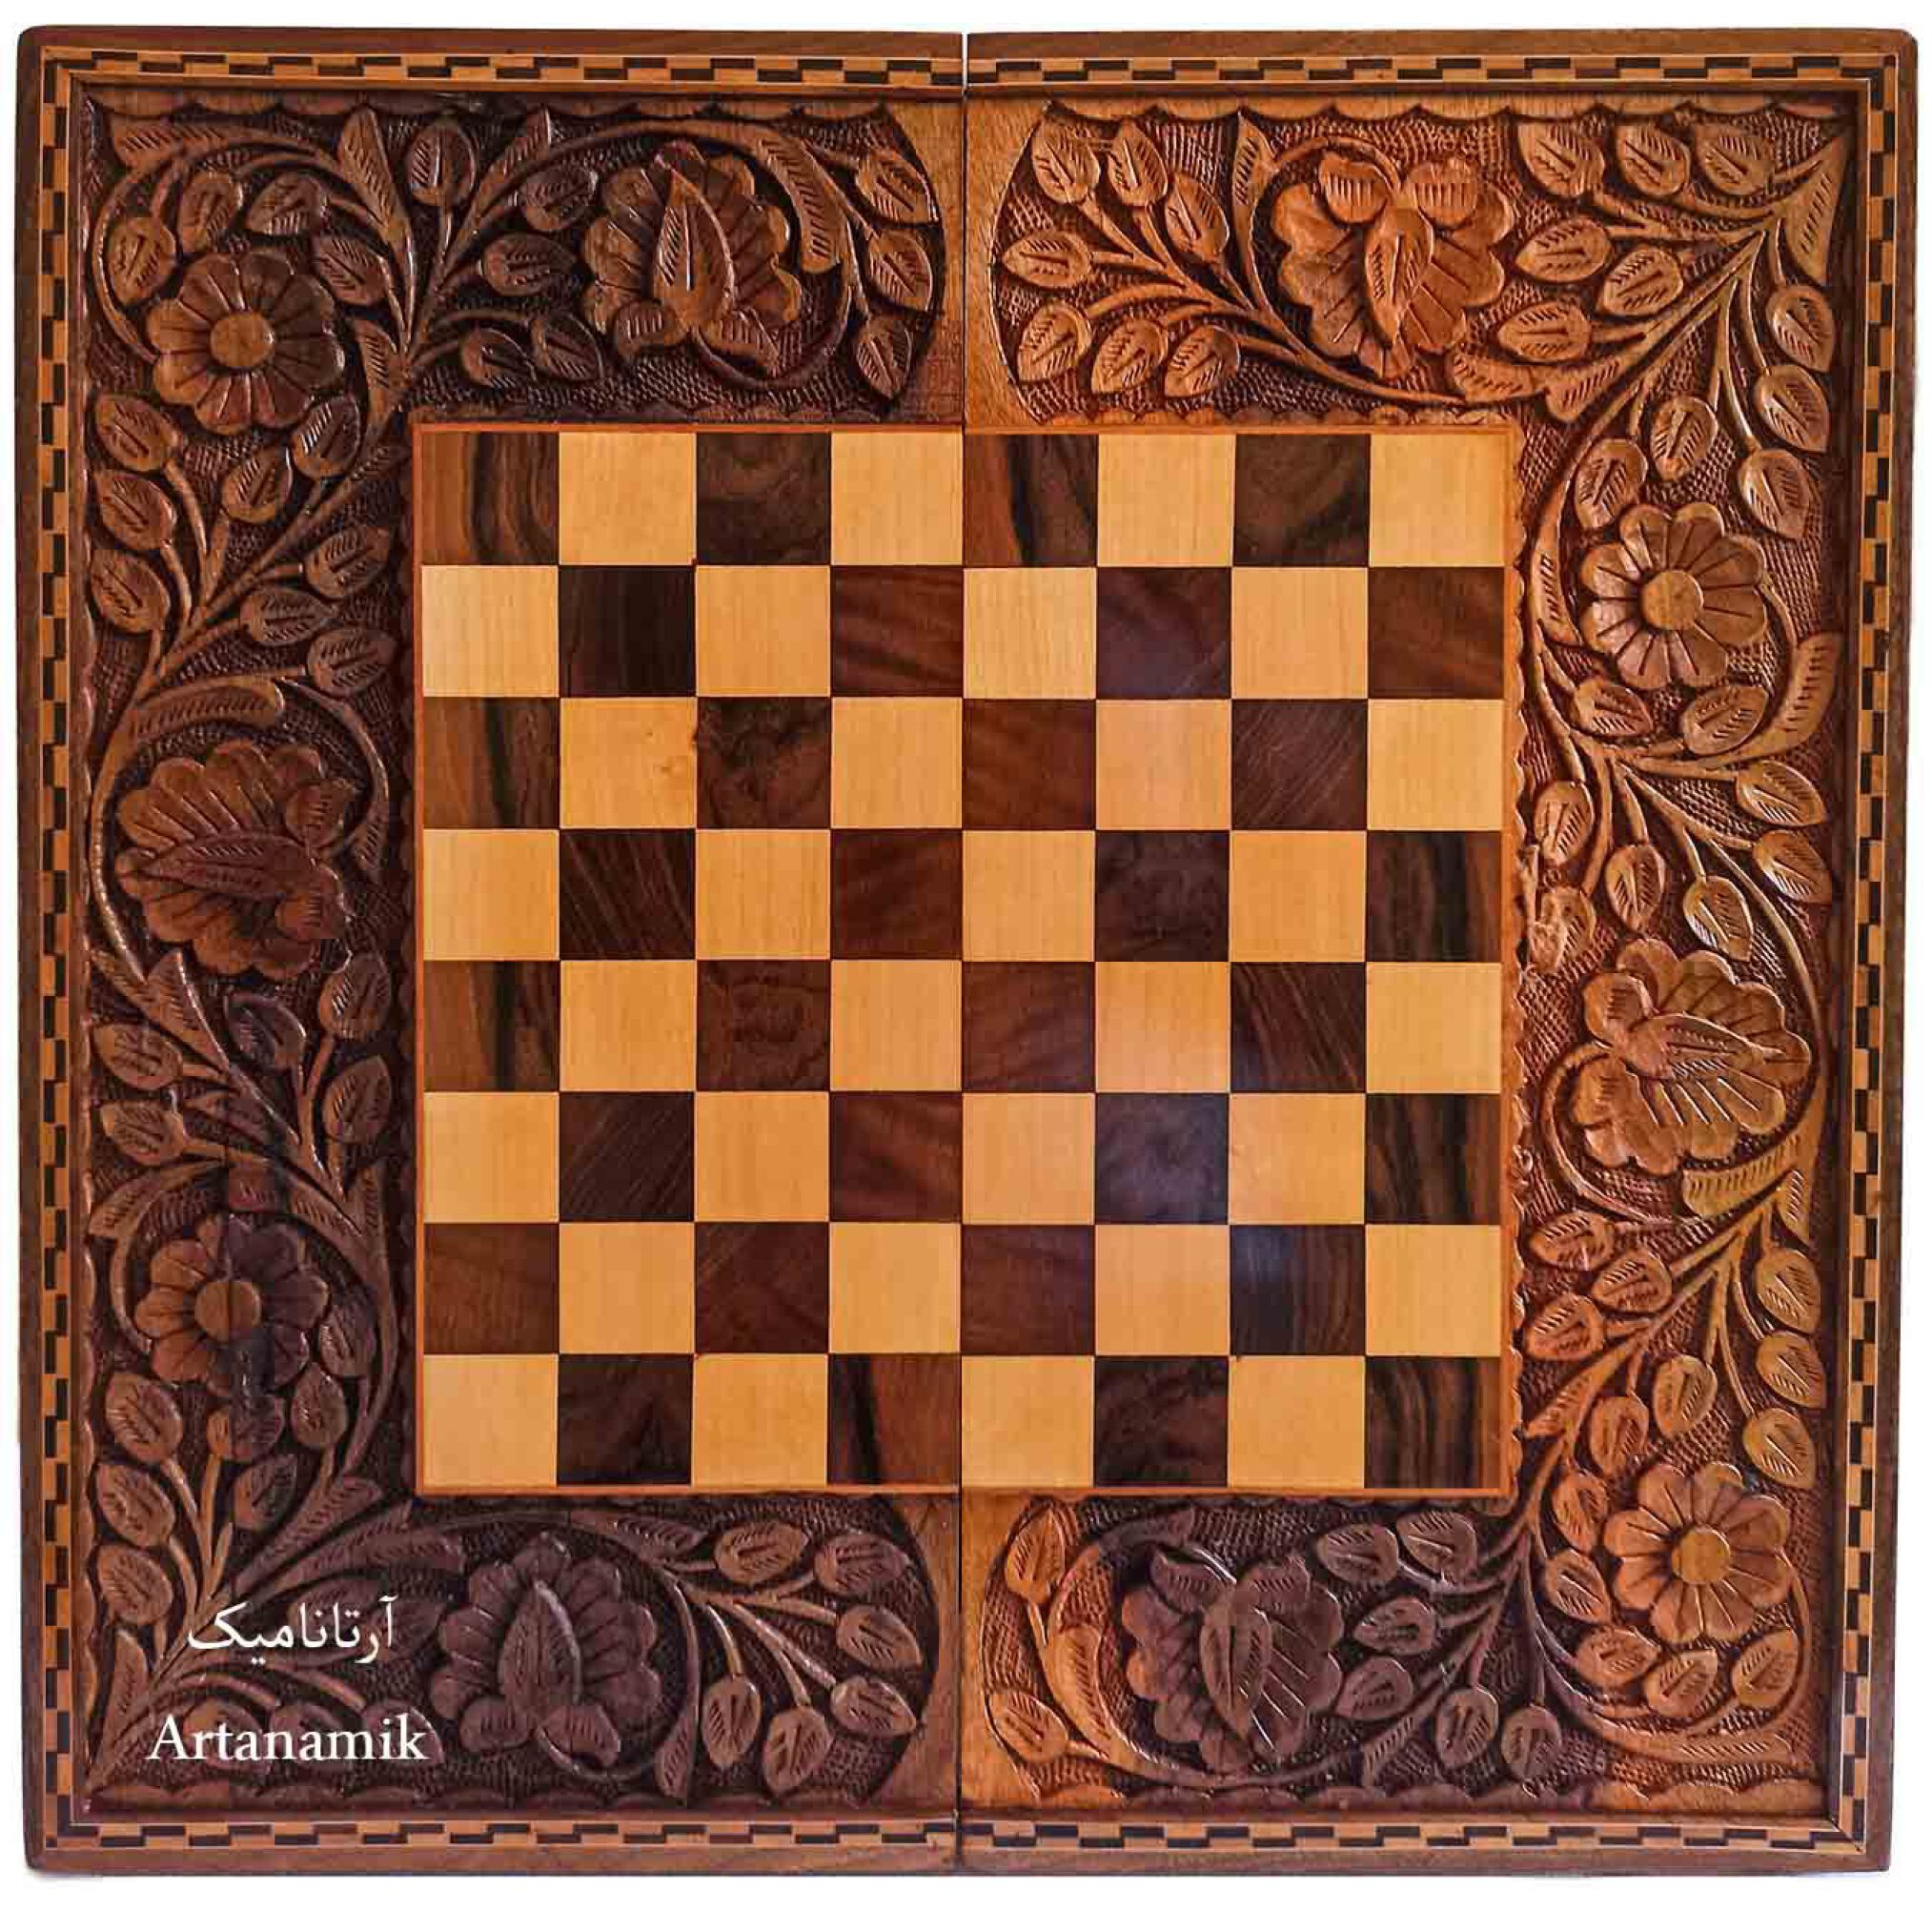 تخته نرد و شطرنج منبت کاری، تخته نرد کادویی و تخته نرد نفیس روی چوب گردو